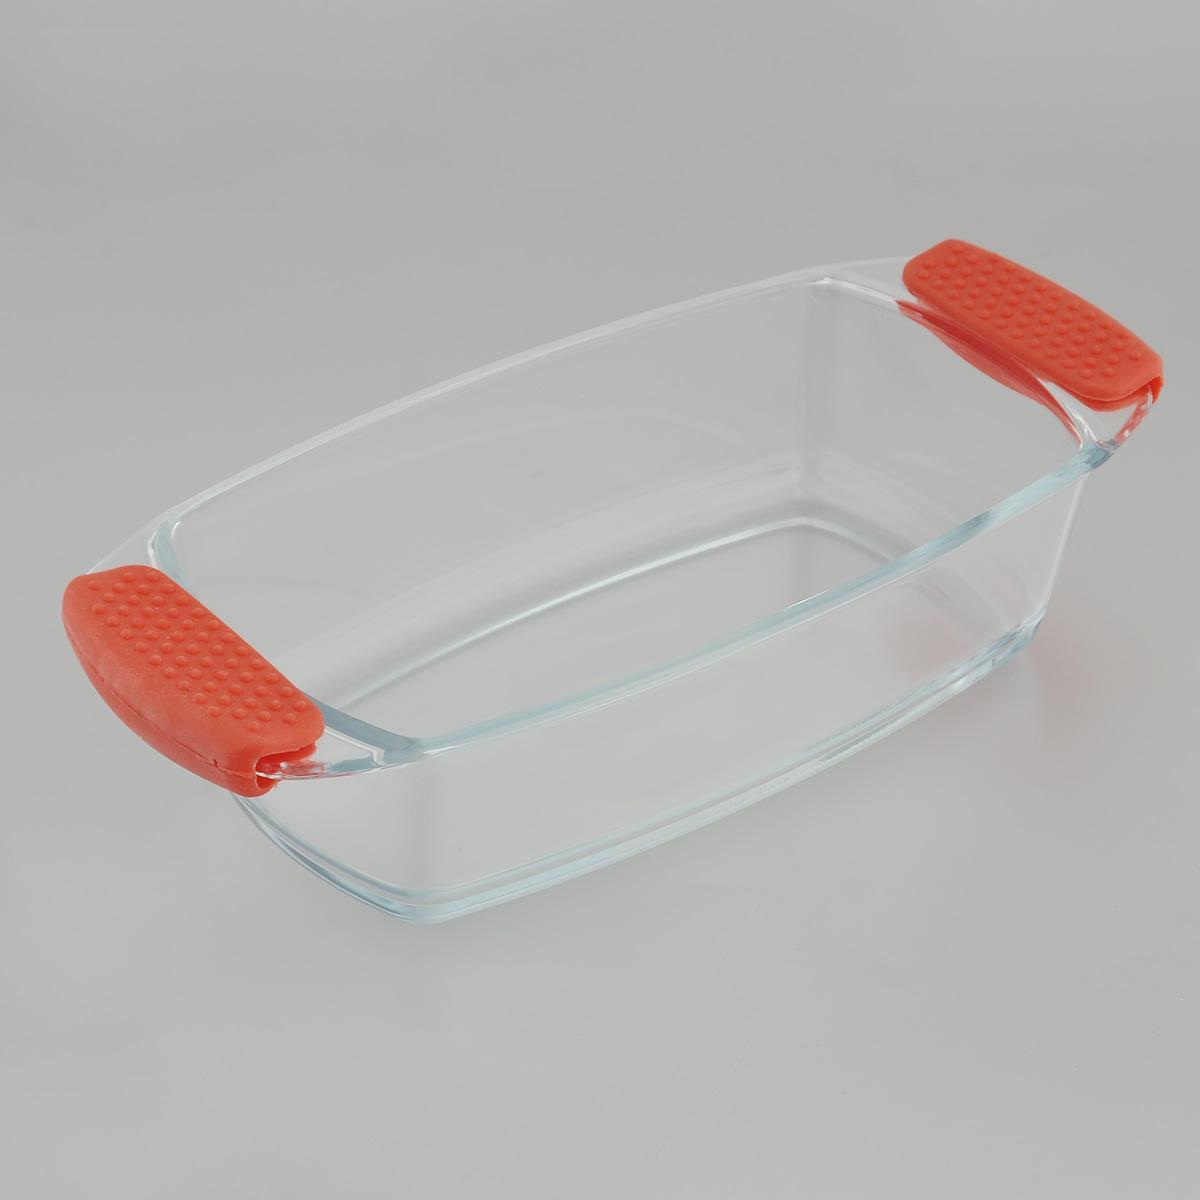 Форма для запекания Mijotex, прямоугольная, 30 см х 17 смPS1Прямоугольная форма для запекания Mijotex изготовлена из жаропрочного стекла, которое выдерживает температуру до +450°С. Форма предназначена для приготовления горячих блюд. Оснащена двумя ненагревающимися ручками с силиконовыми вставками. Материал изделия гигиеничен, прост в уходе и обладает высокой степенью прочности. Форма идеально подходит для использования в духовках, микроволновых печах, холодильниках и морозильных камерах. Также ее можно использовать на газовых плитах (на слабом огне) и на электроплитах. Можно мыть в посудомоечной машине. Внутренний размер формы: 23,5 см х 17 см. Внешний размер формы (с учетом ручек): 30 см х 17 см. Высота стенки формы: 7 см.